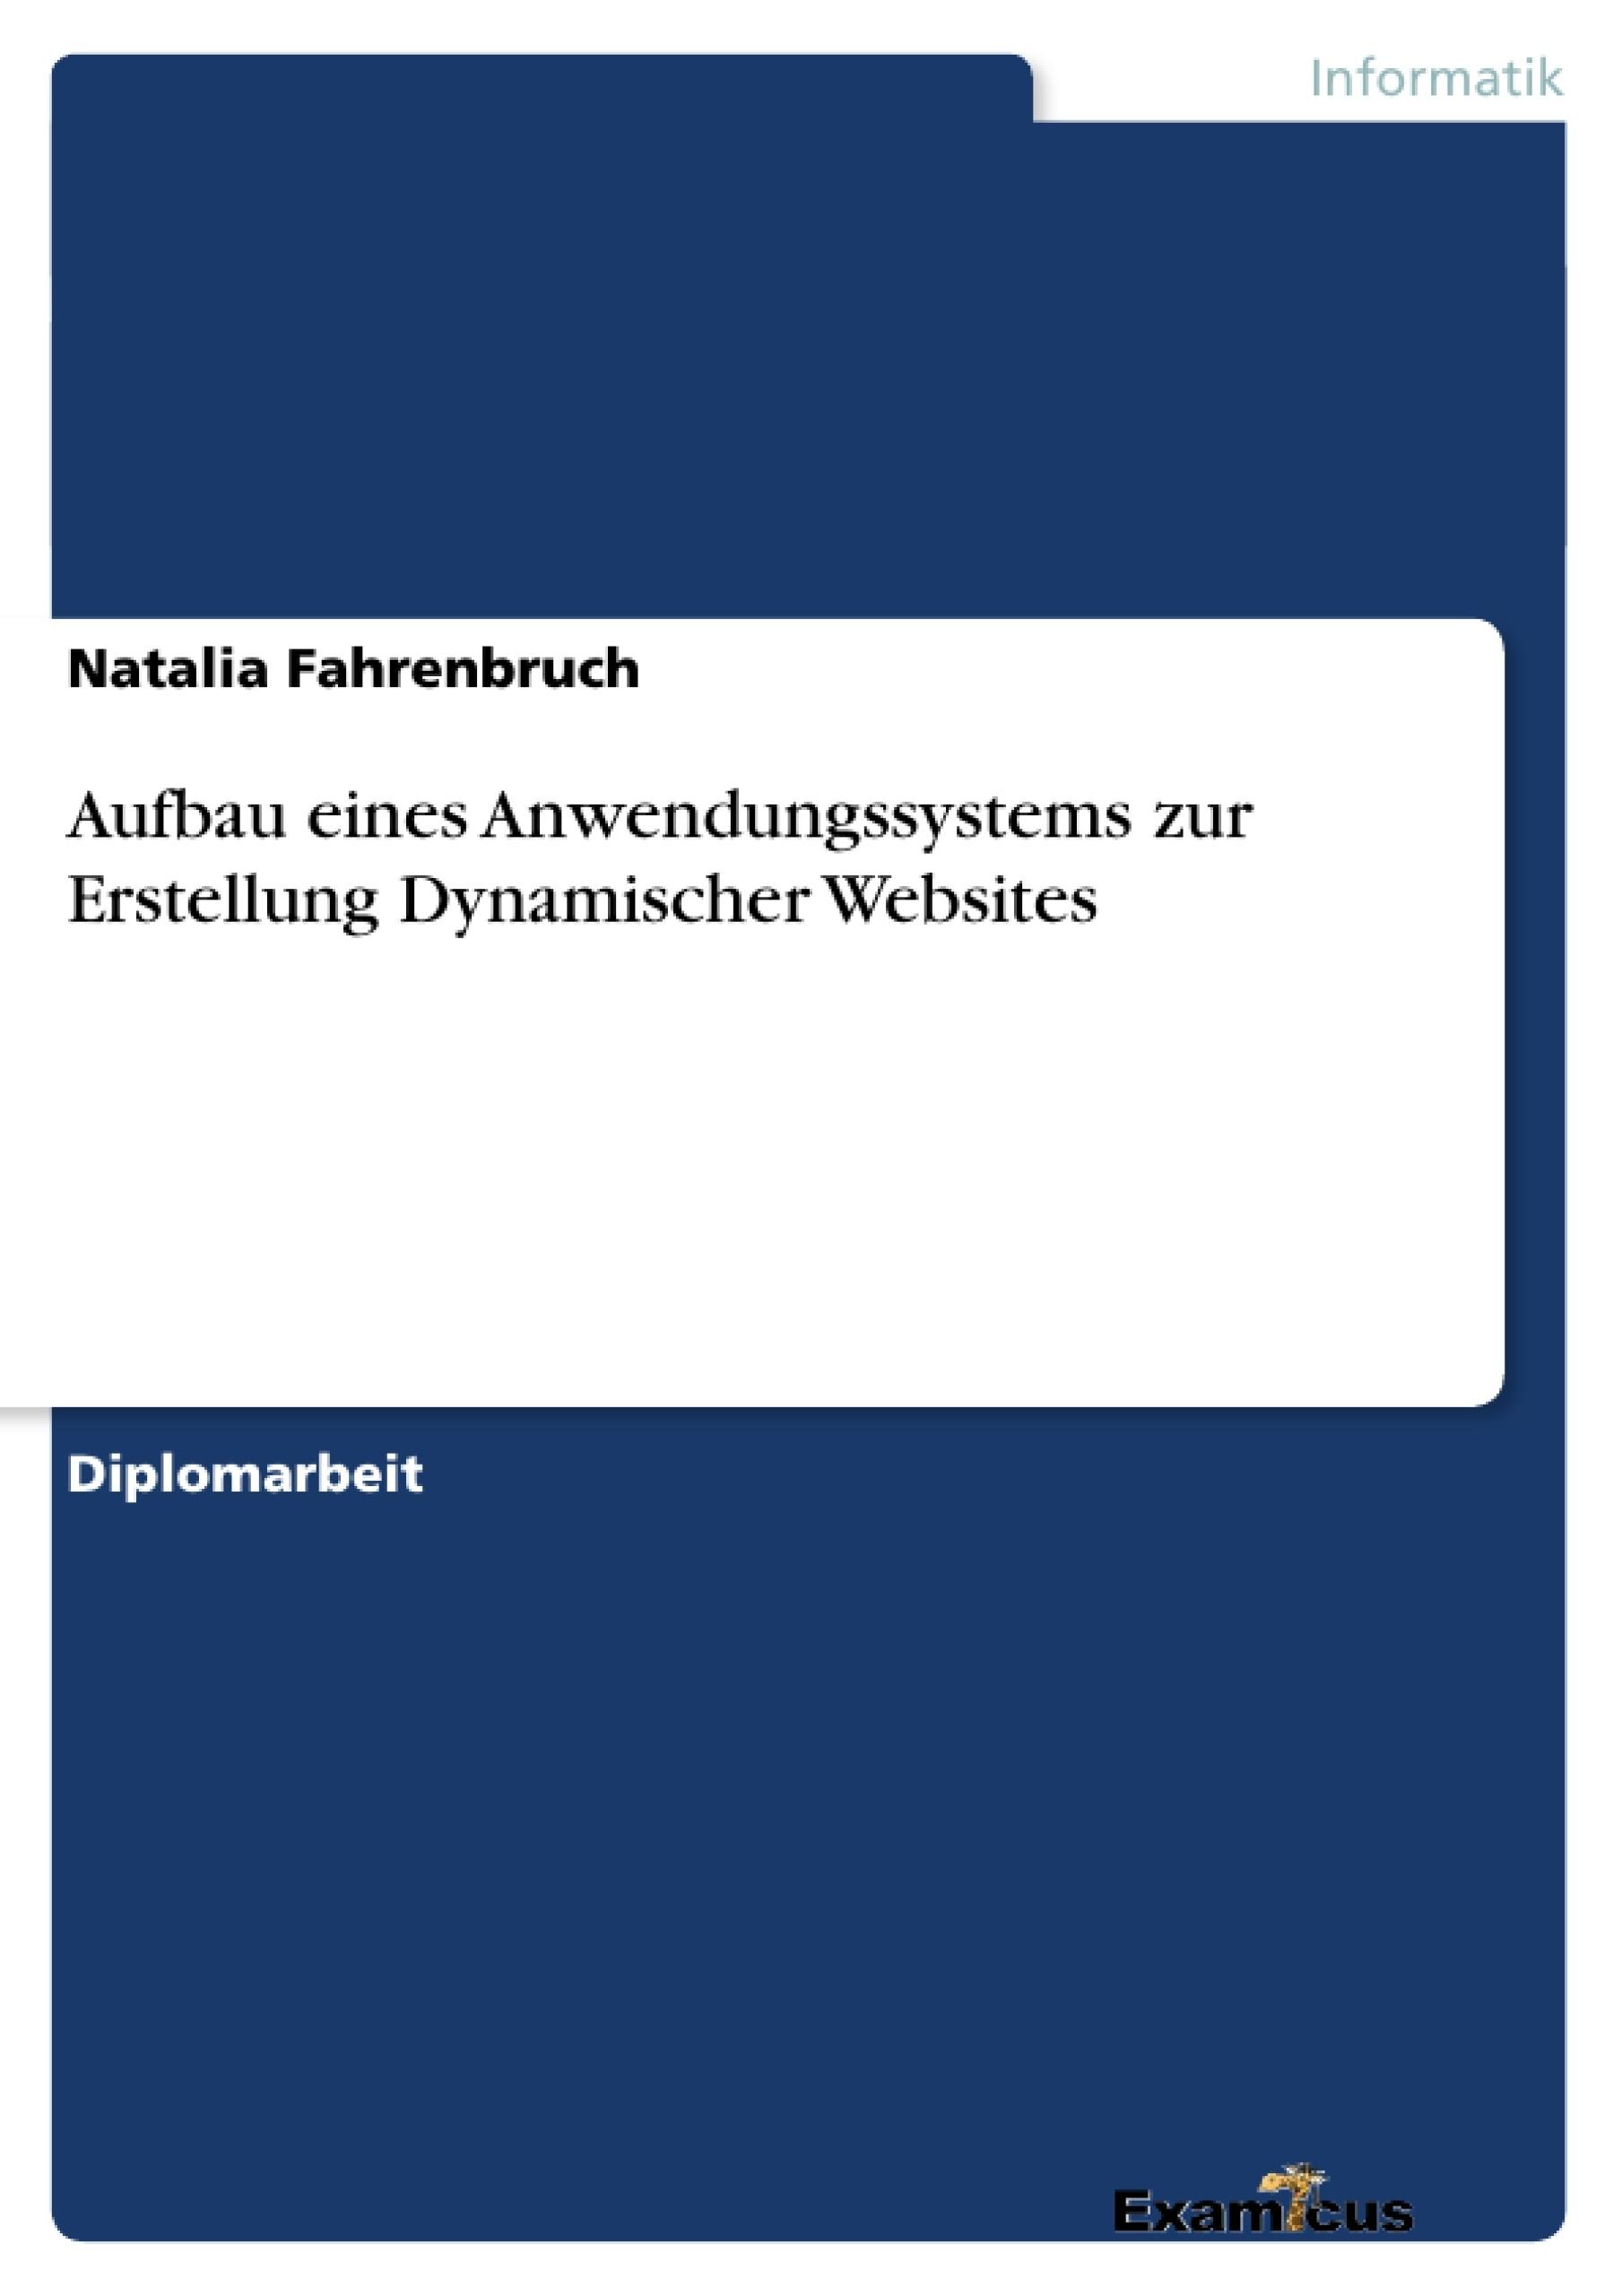 Titel: Aufbau eines Anwendungssystems zur Erstellung Dynamischer Websites